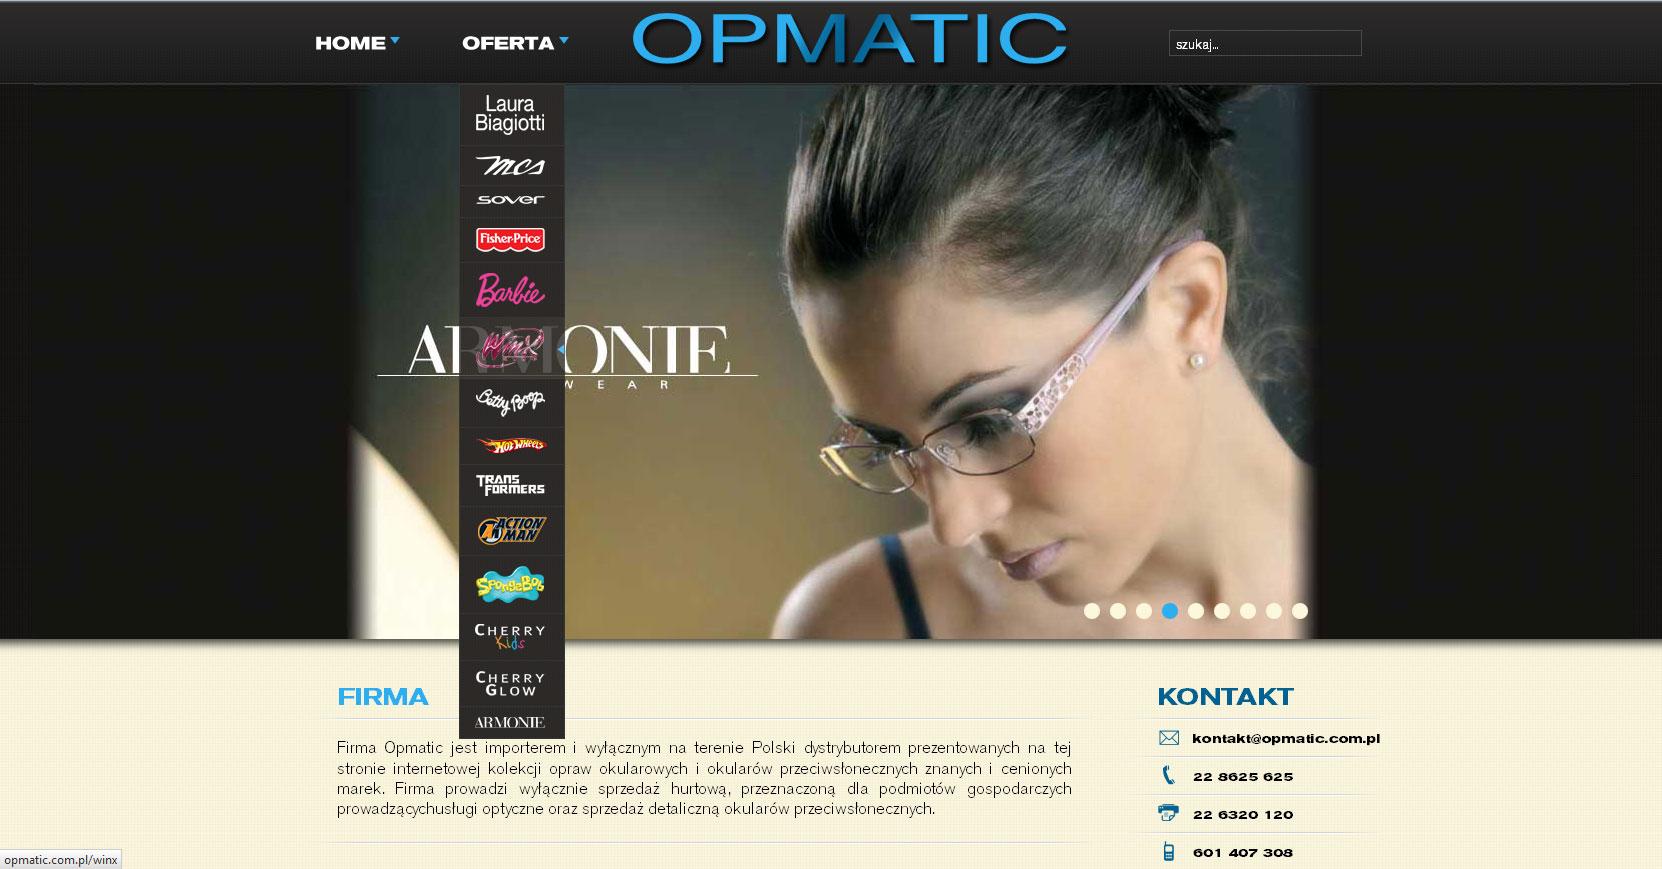 Opmatic.com.pl